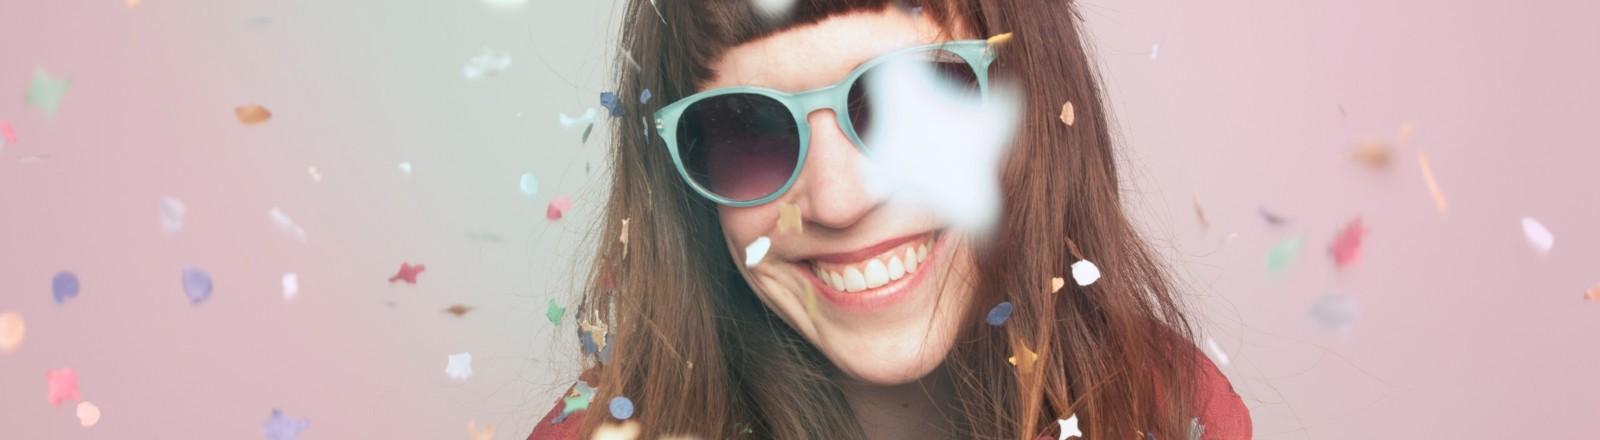 Junge Frau mit Konfetti im Gesicht.